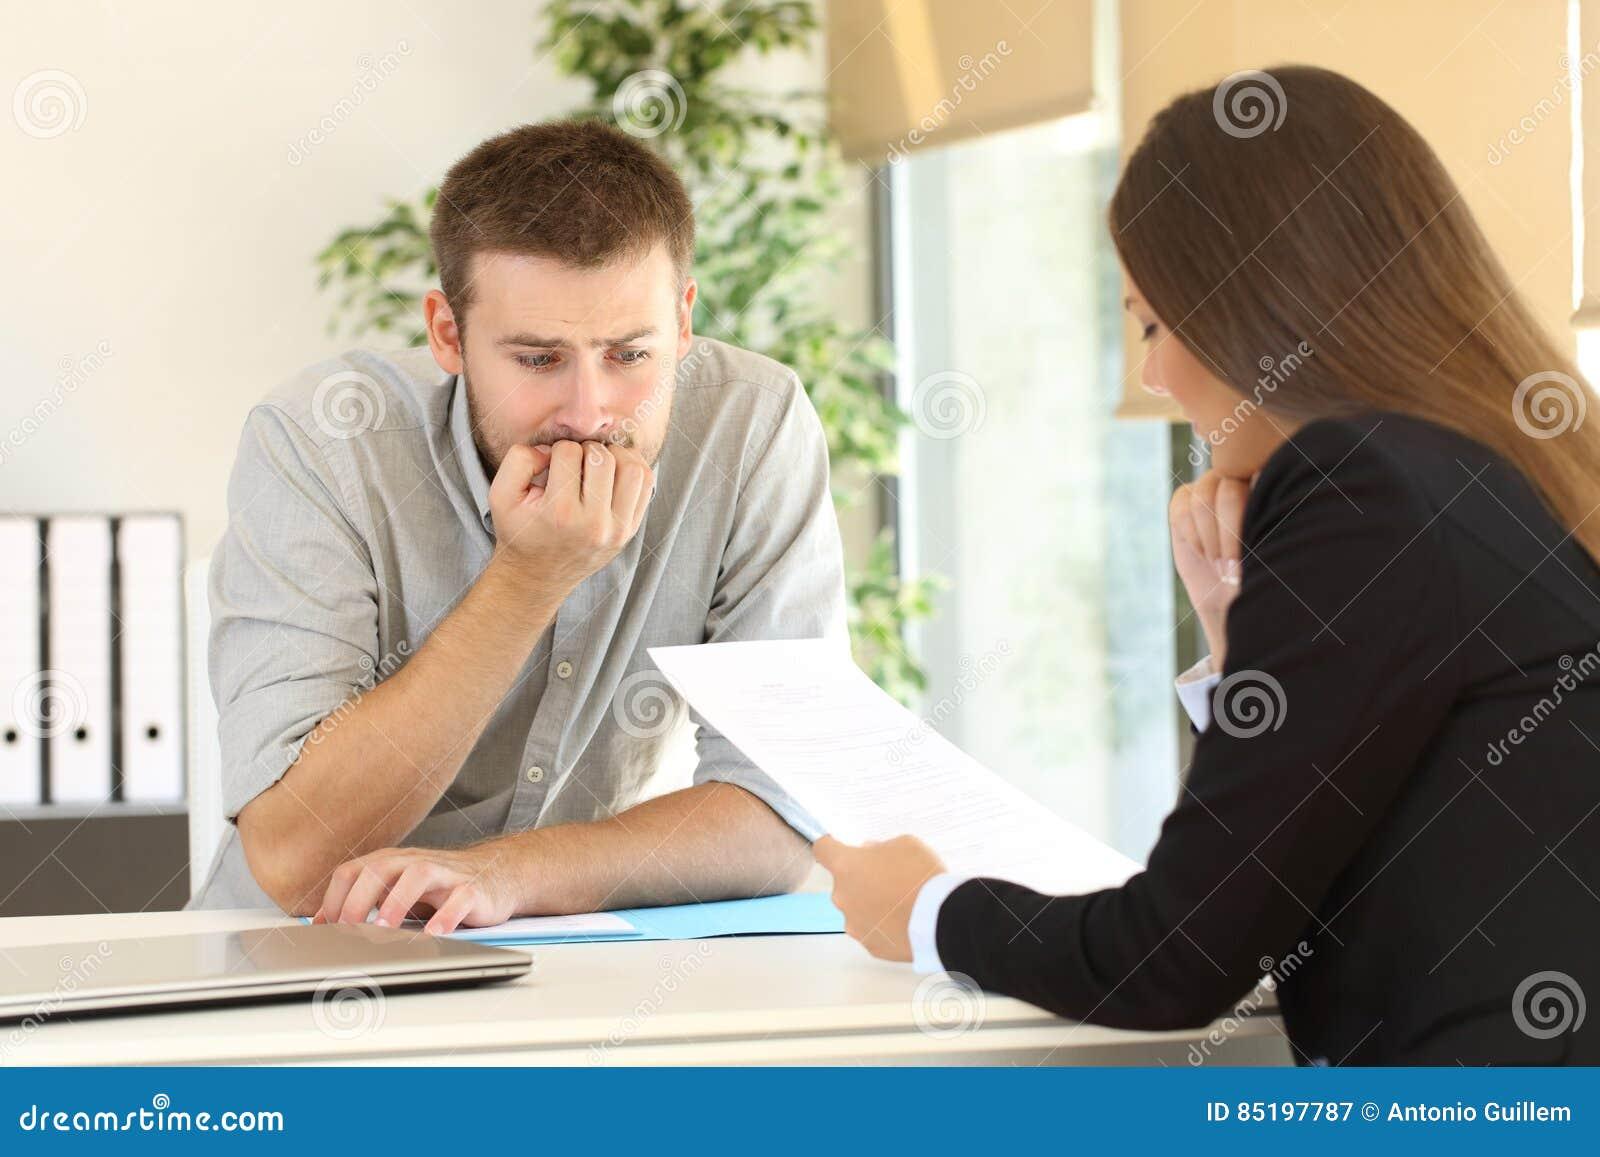 Hombre Nervioso En Una Entrevista De Trabajo Imagen de archivo ...